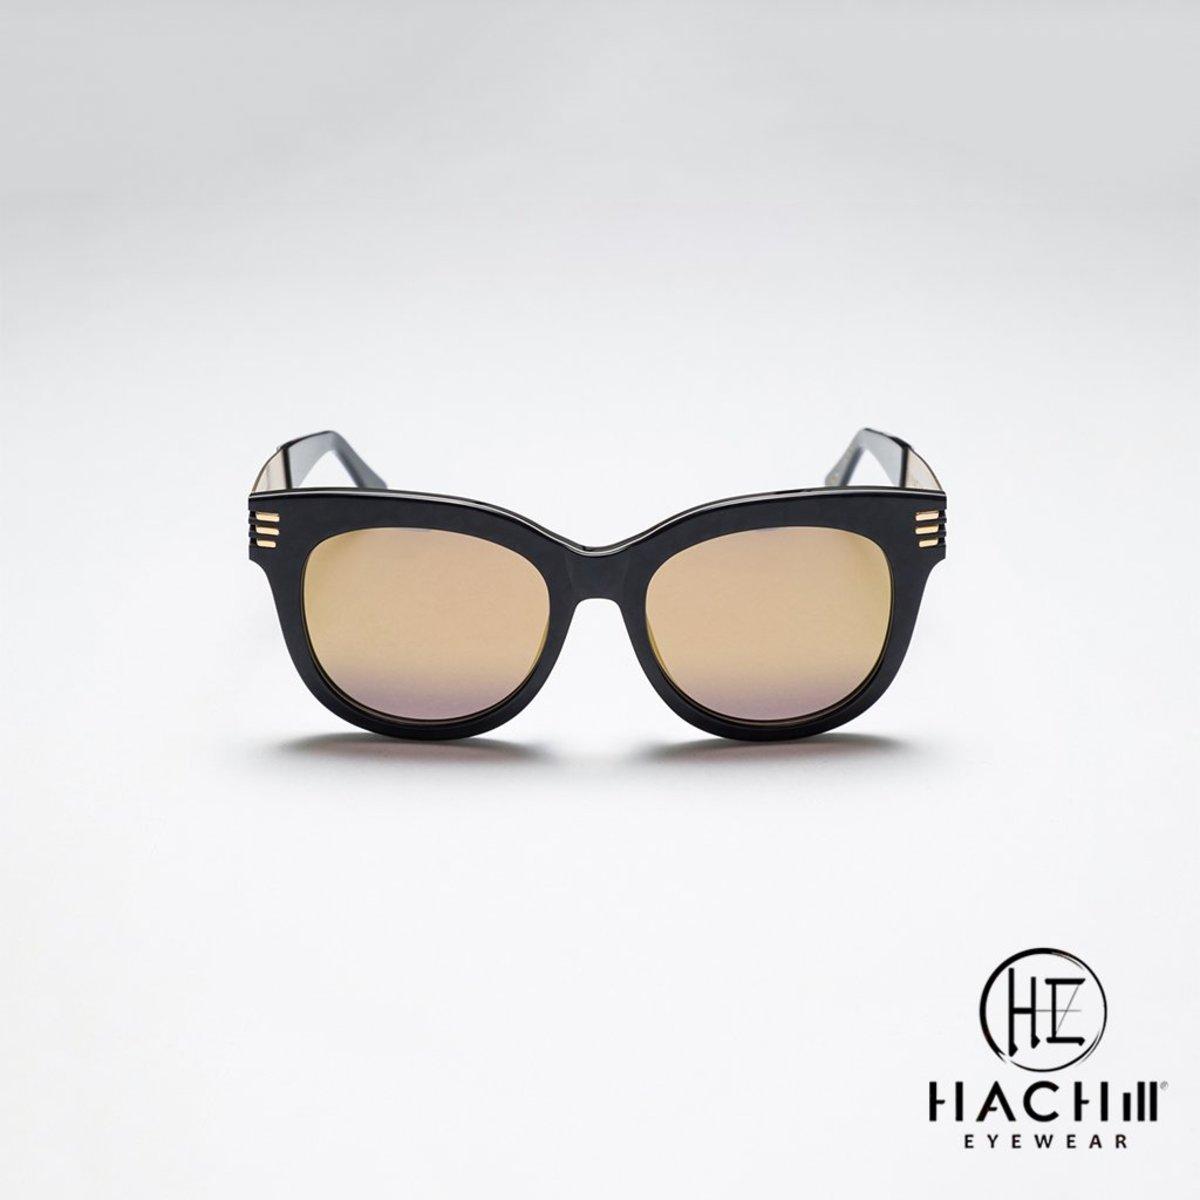 HACHILL- 太陽眼鏡- PH2016-C2 PHANTACi X HACHill